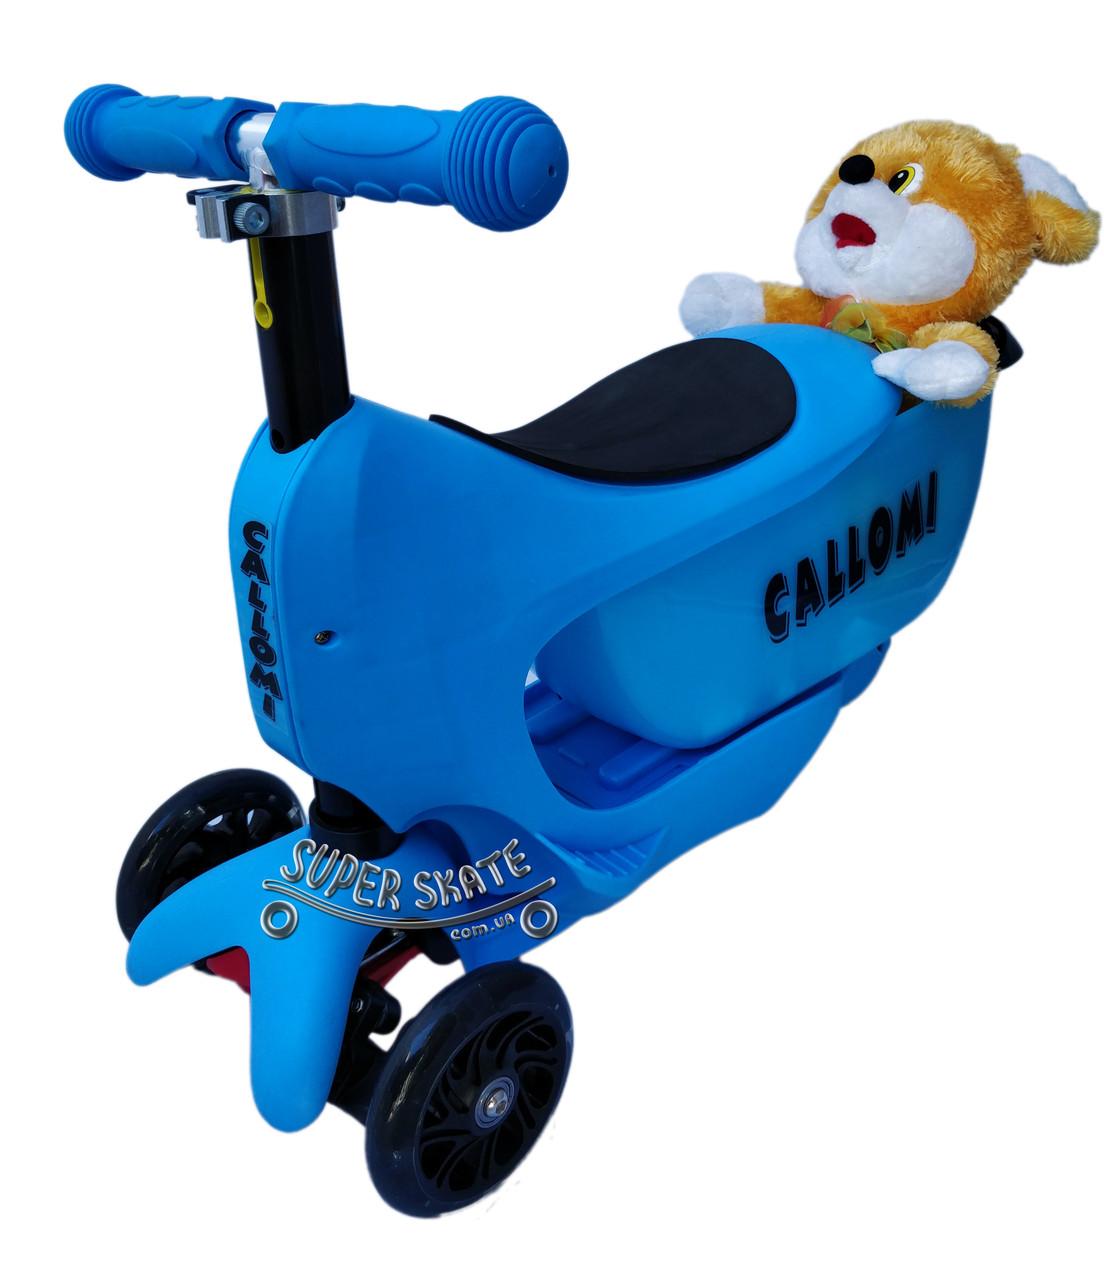 Трехколесный Детский Самокат / Беговел Scooter - 2в1 С Бардачком - Синий